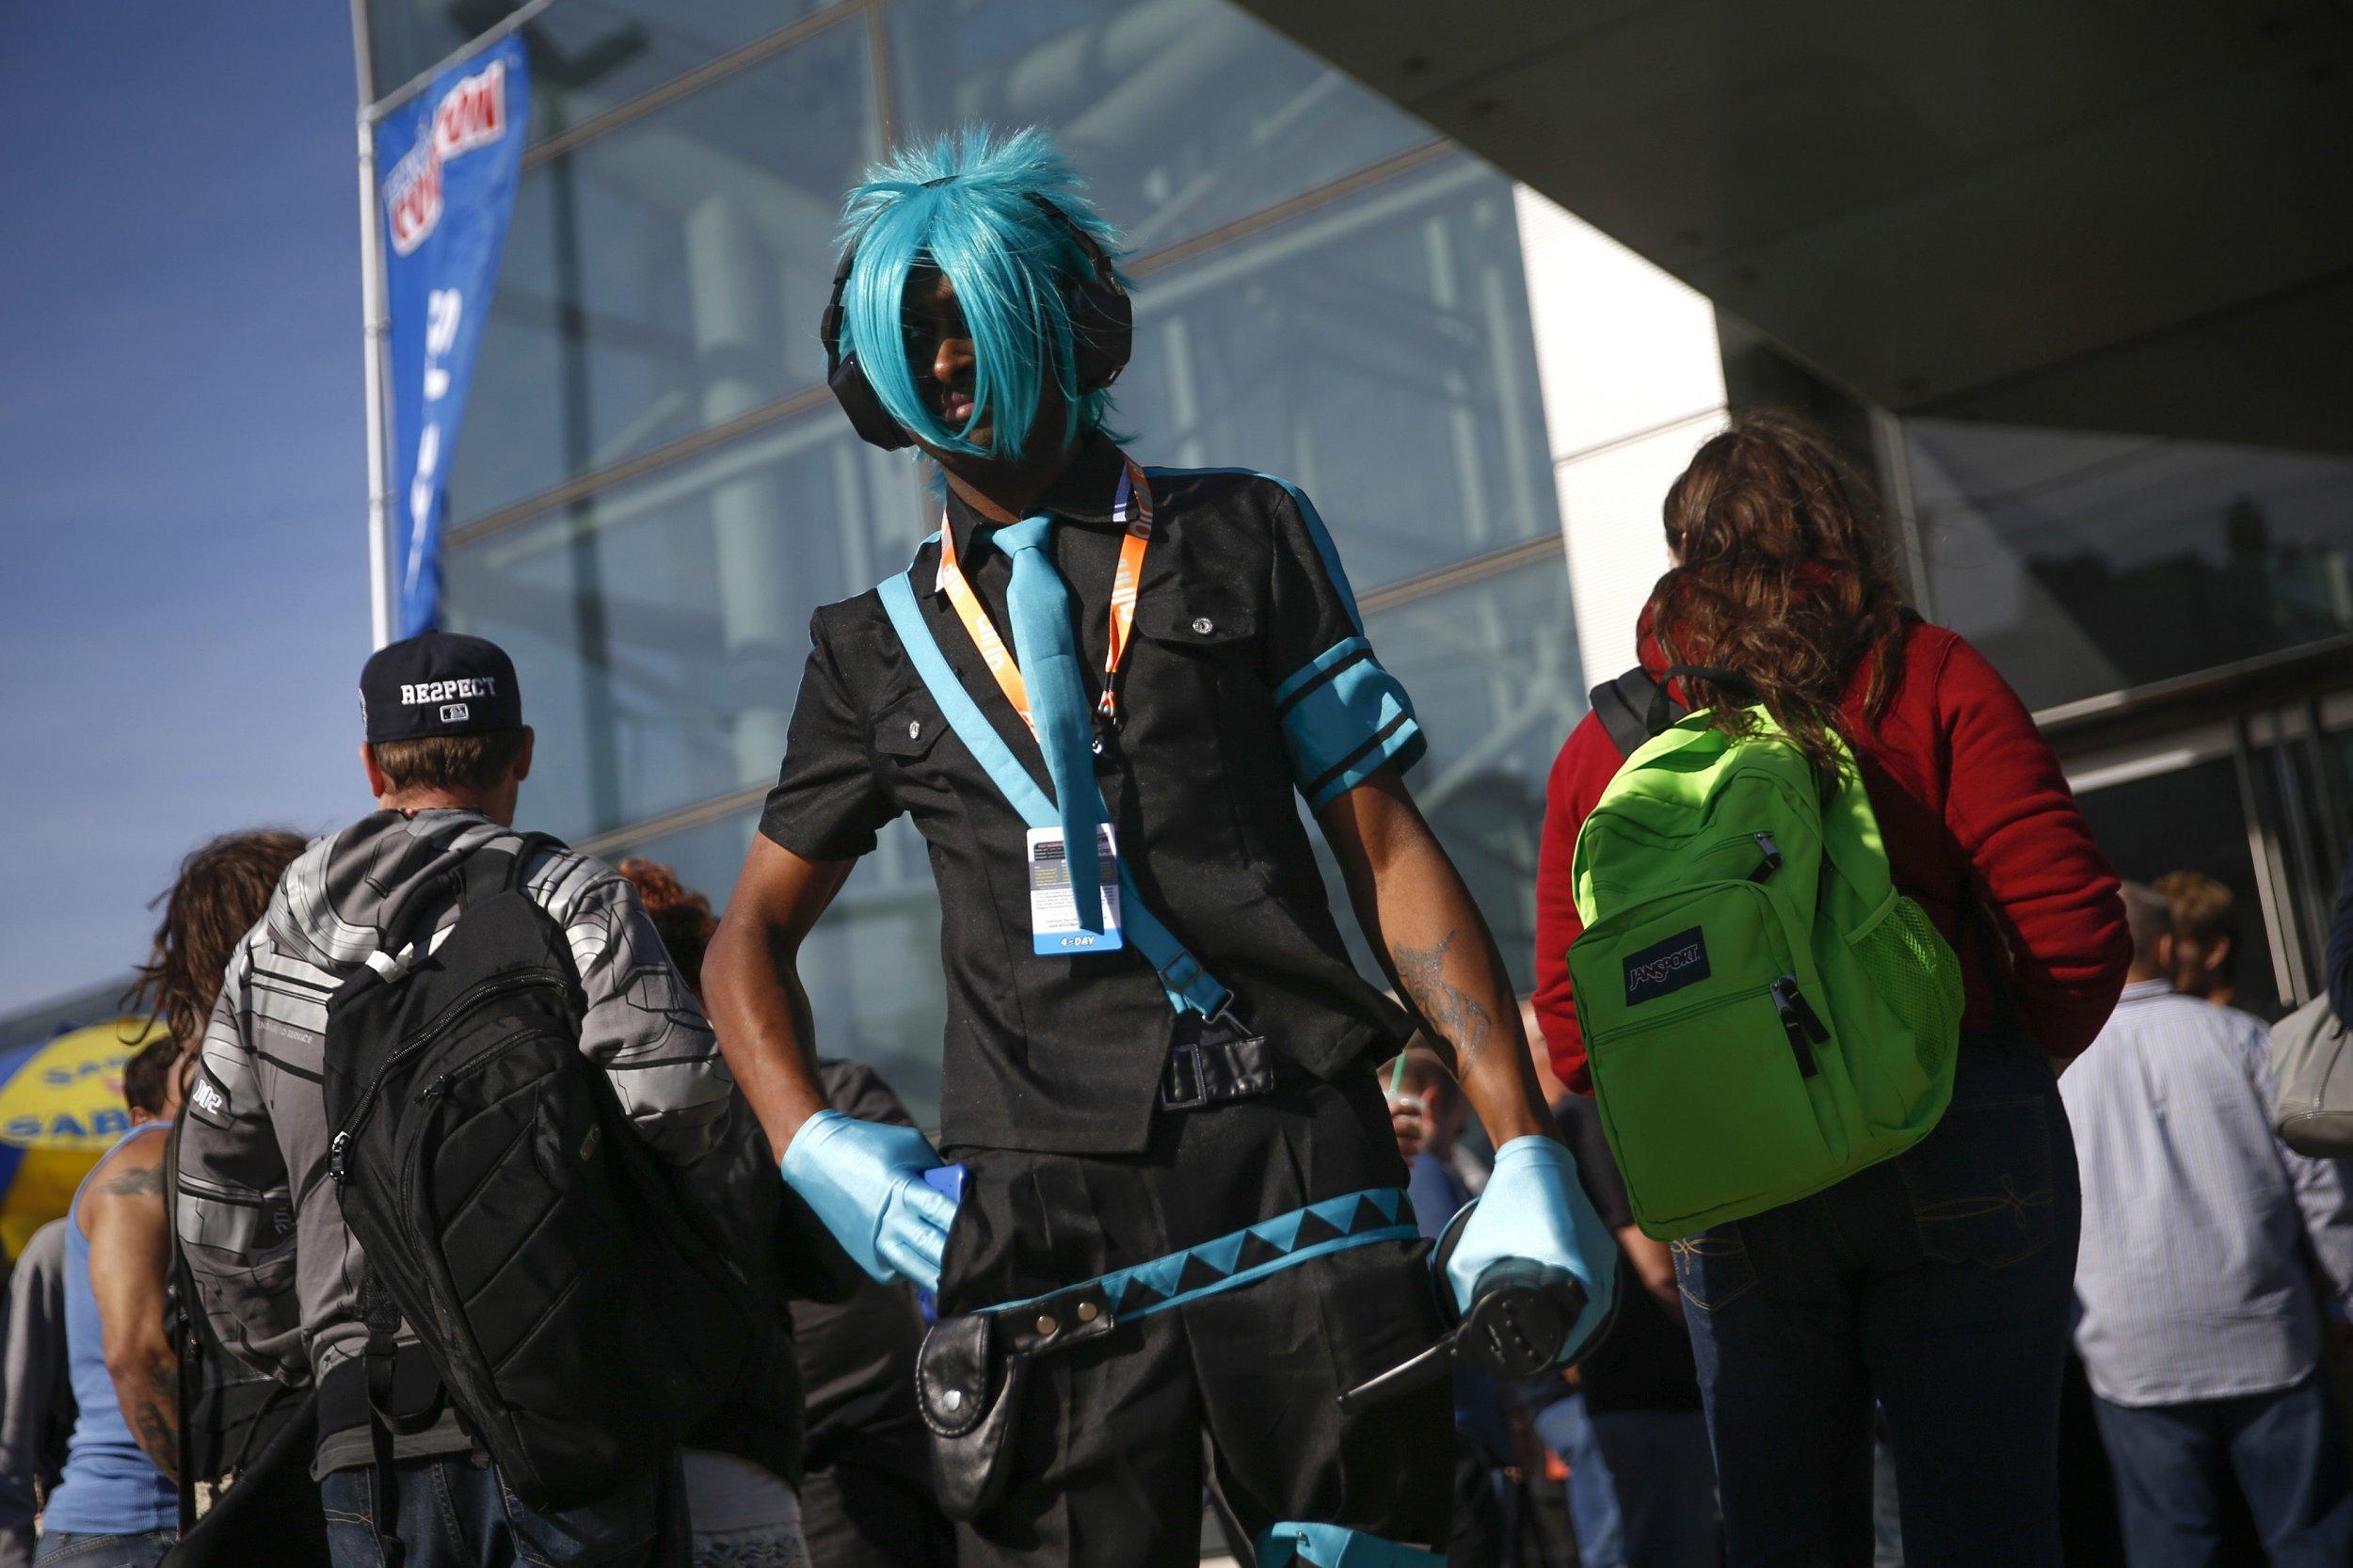 10-11-14 Comic-Con 2